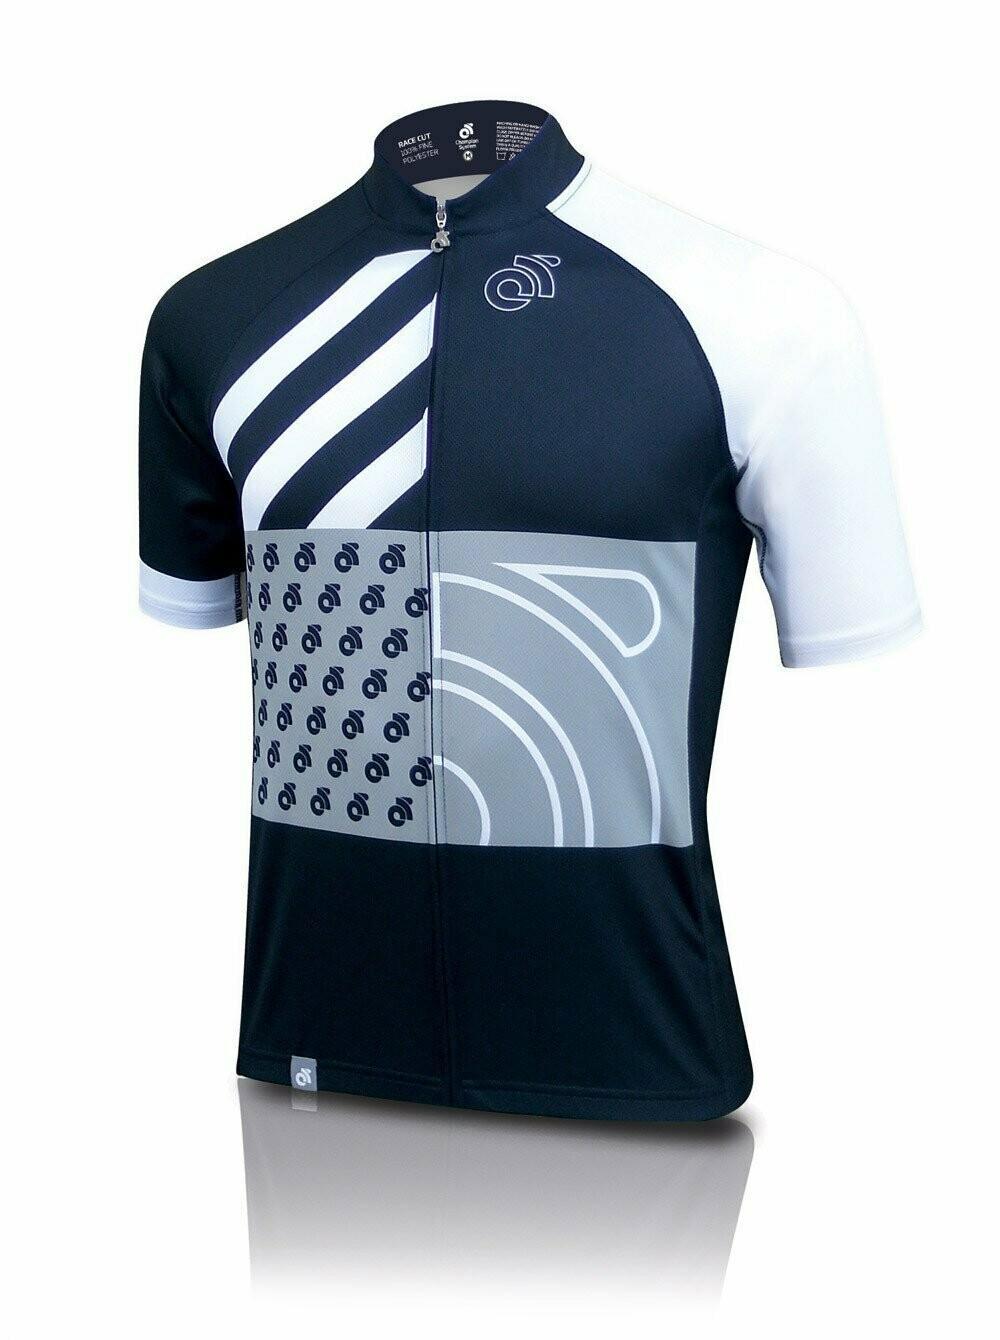 CS Tech Pro Short Sleeve Jersey